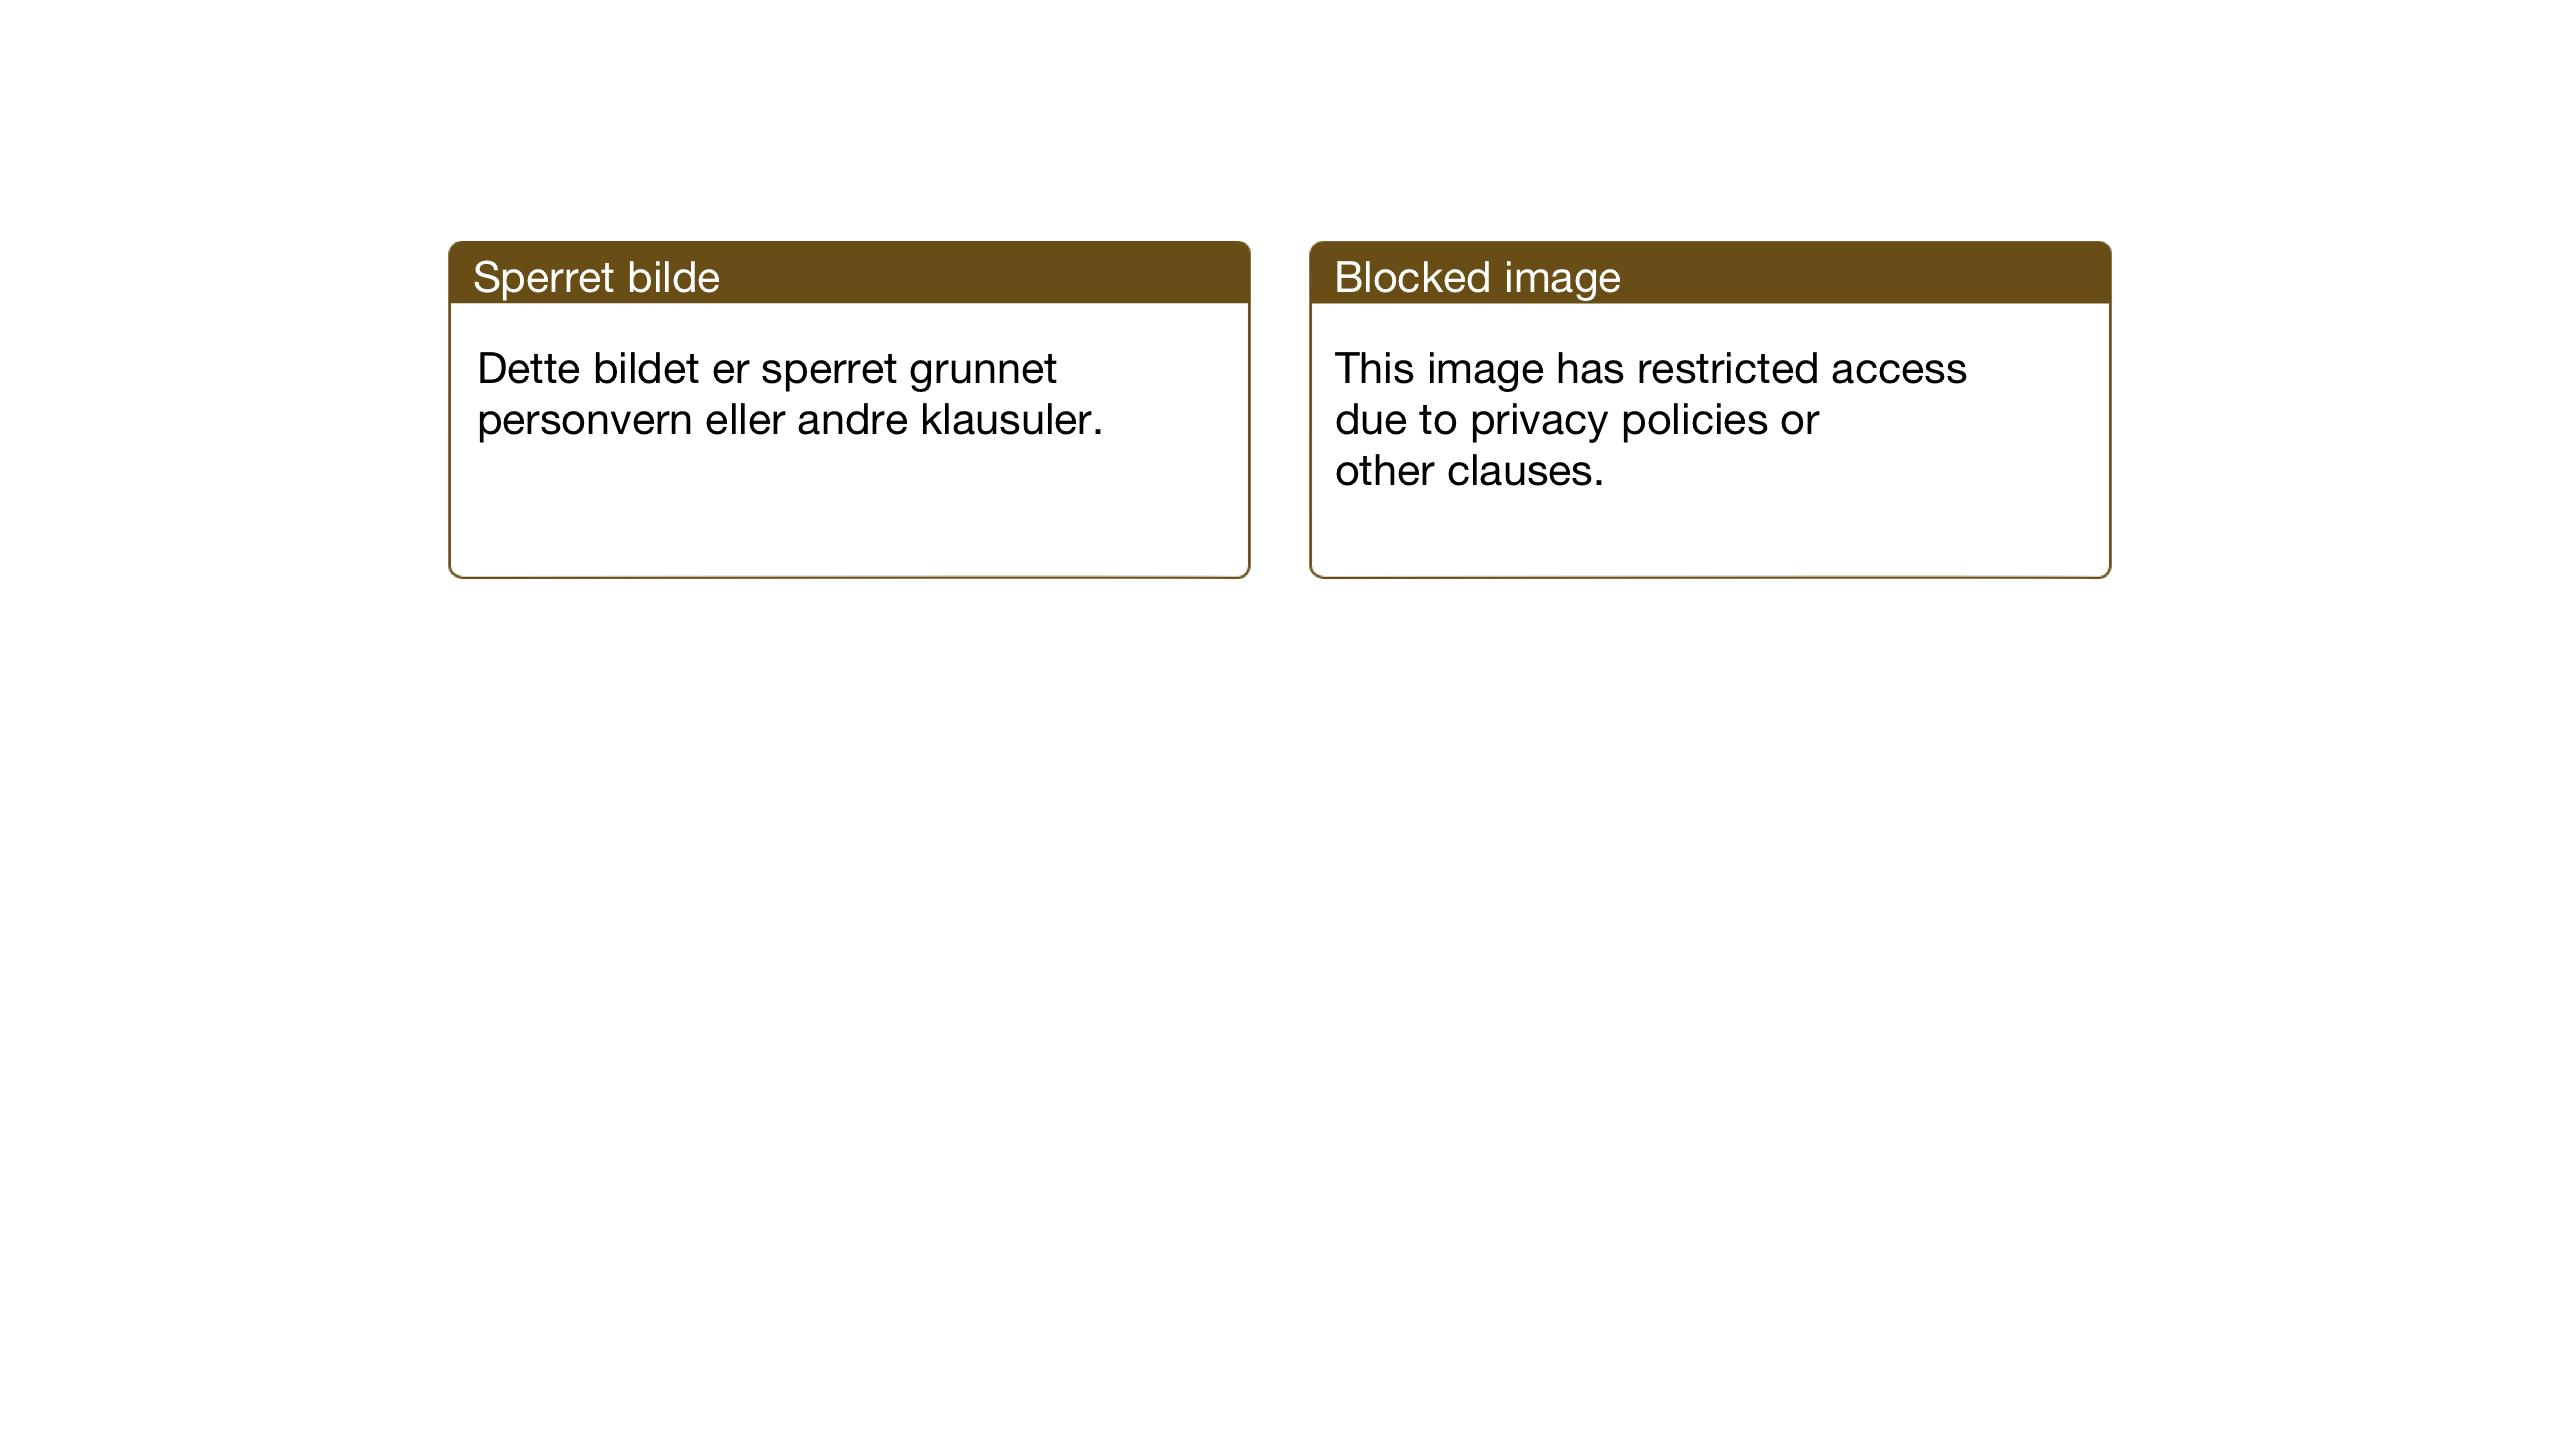 SAT, Ministerialprotokoller, klokkerbøker og fødselsregistre - Nord-Trøndelag, 746/L0456: Klokkerbok nr. 746C02, 1936-1948, s. 8